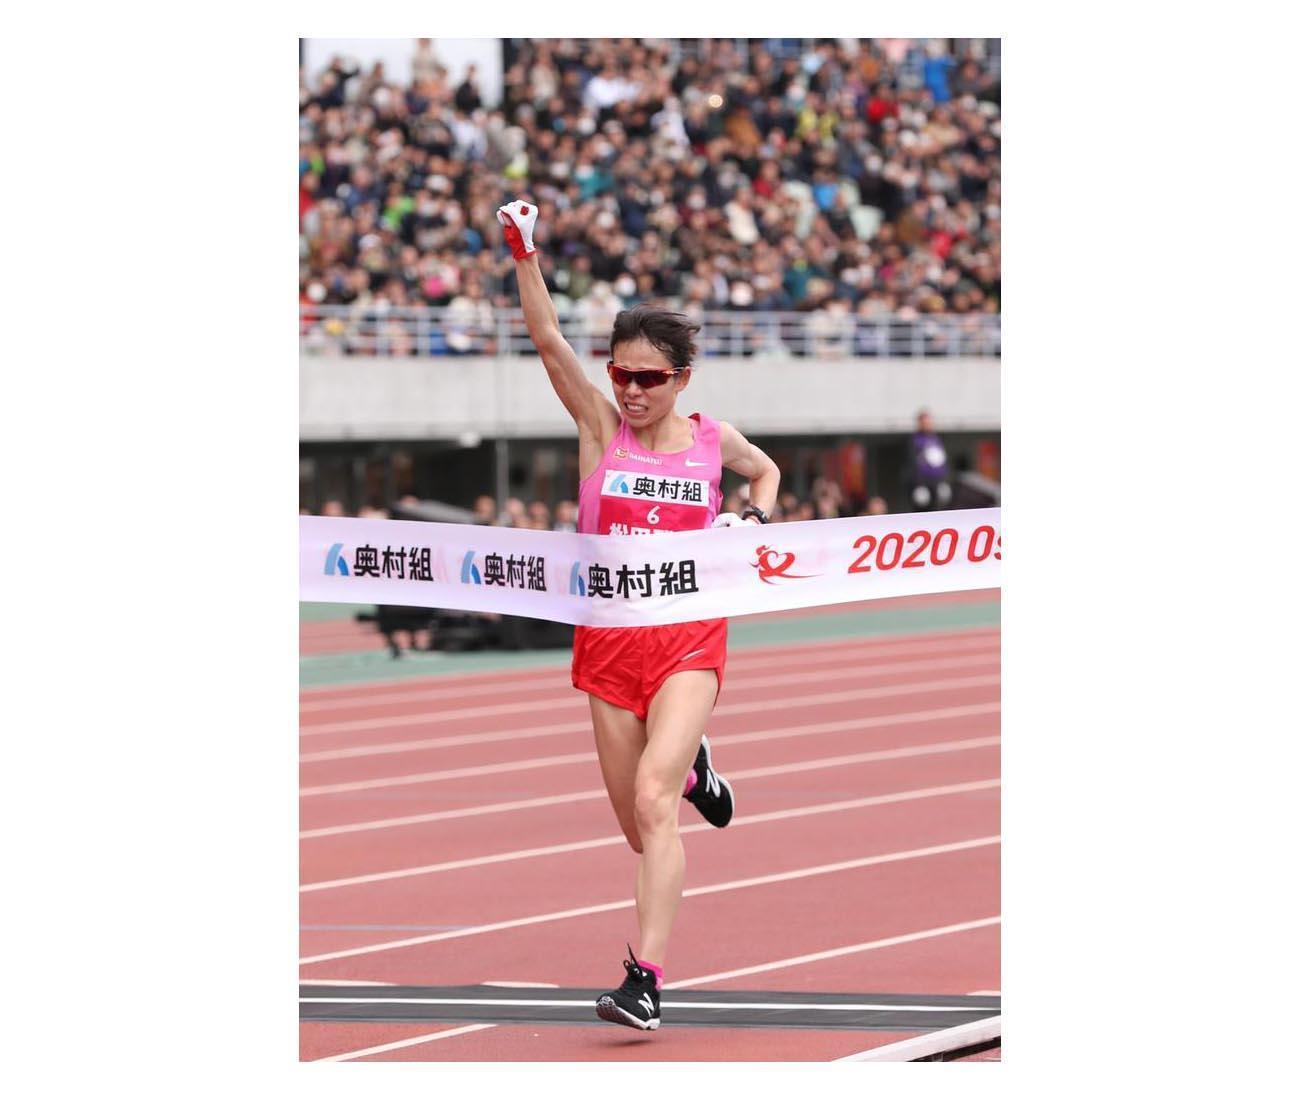 第39回大阪国際女子マラソン 優勝する松田瑞生=26日、ヤンマースタジアム長居(鳥越瑞絵撮影)